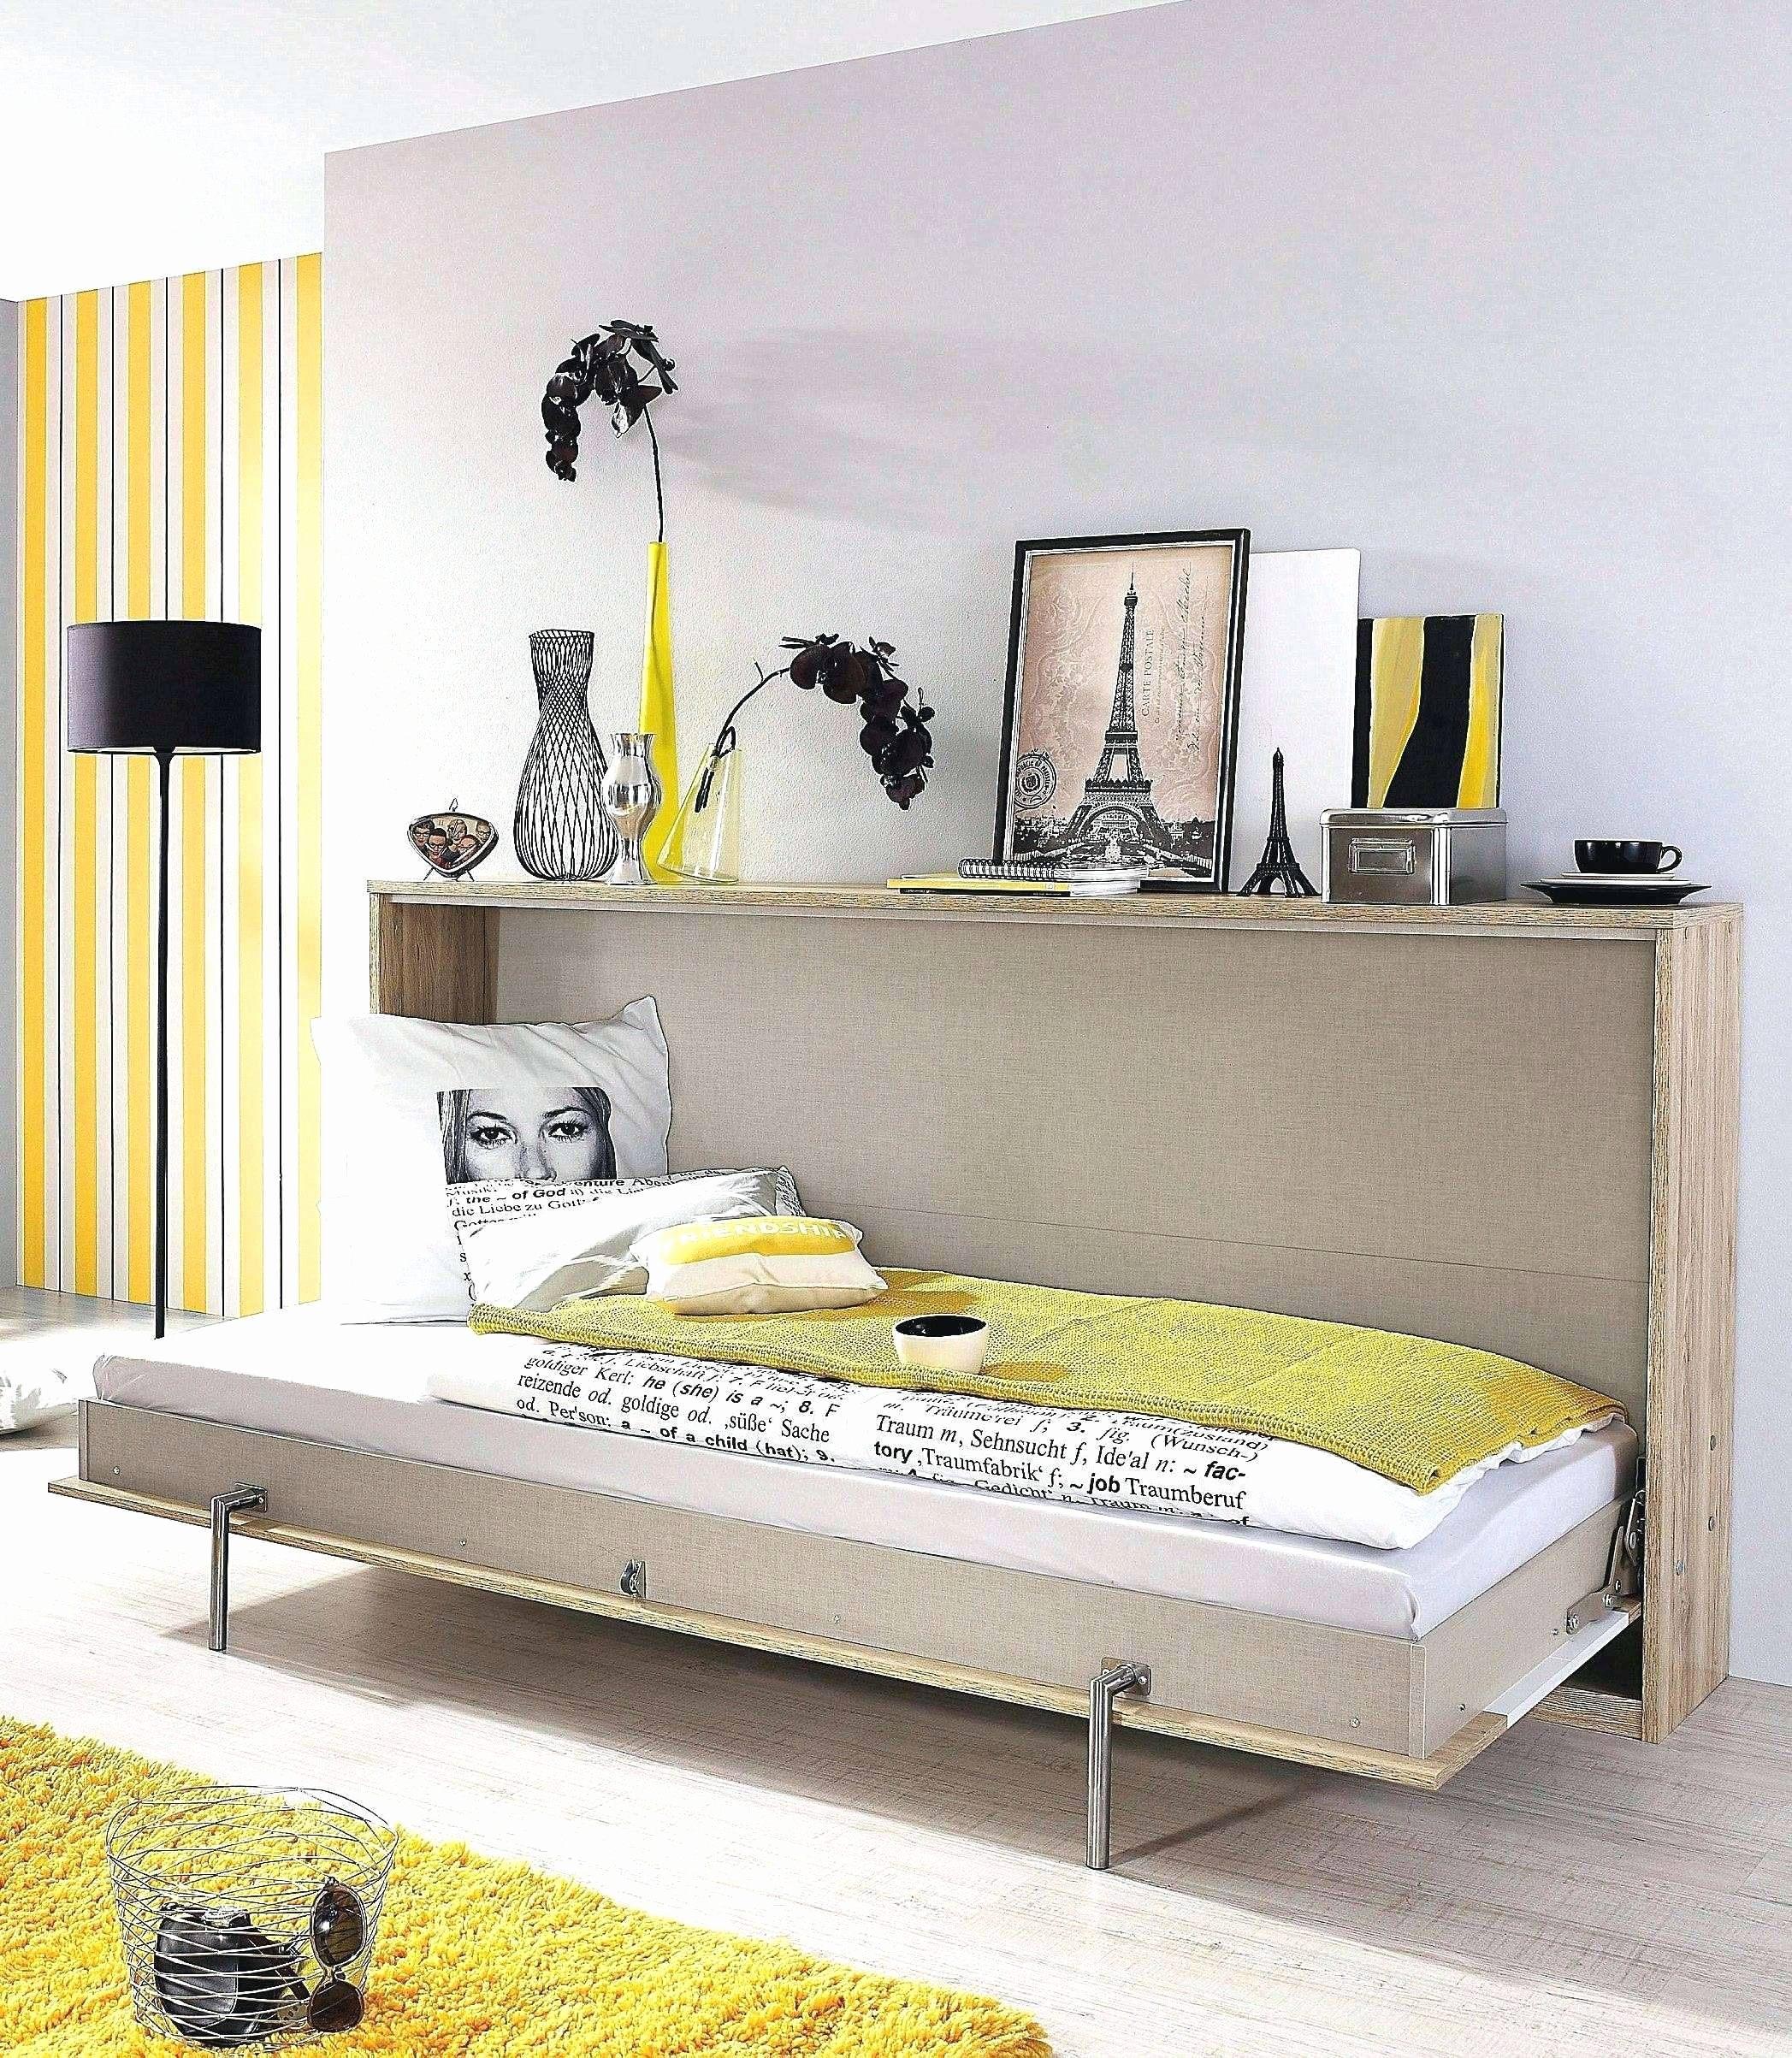 Tiroir sous Lit Ikea Inspiré Matelas Ikea 160—200 Beau Lit A Tiroir Ikea Cadre De Lit Trysil